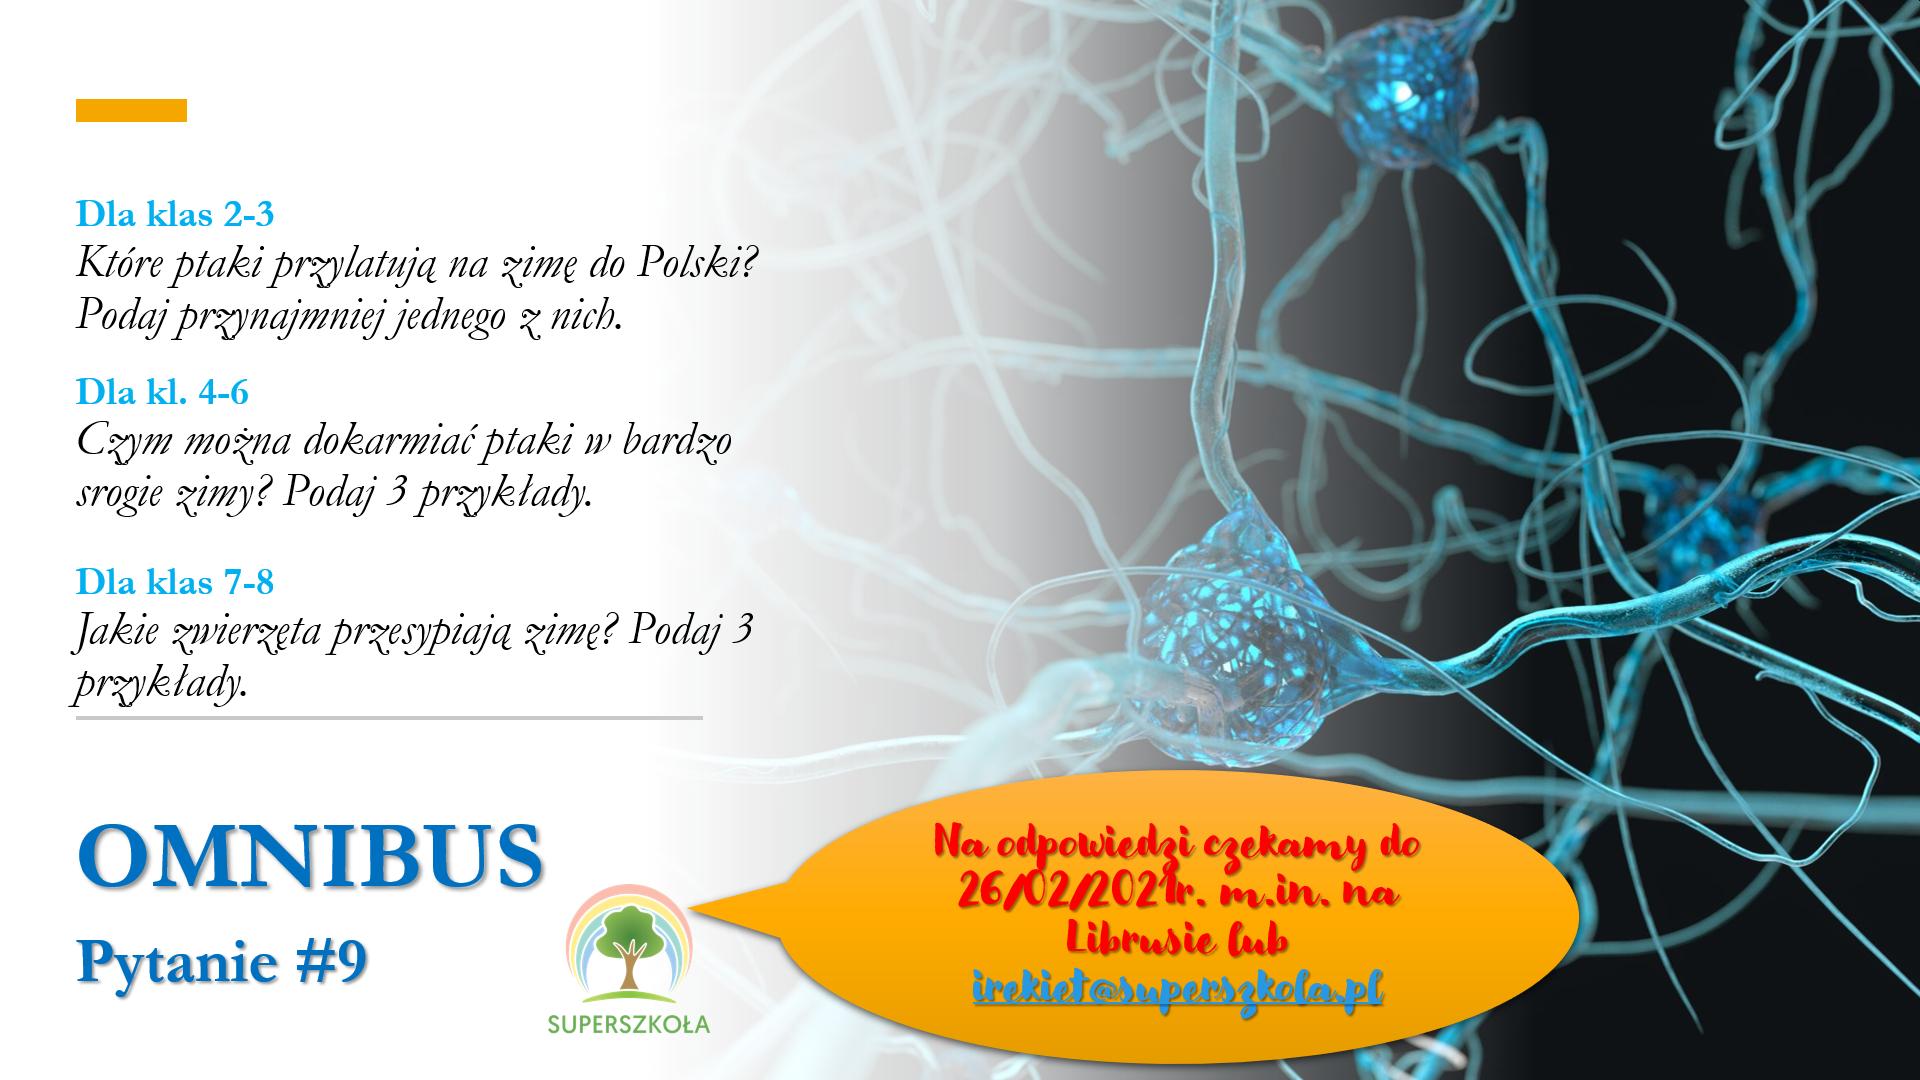 omnibus_pyt_9